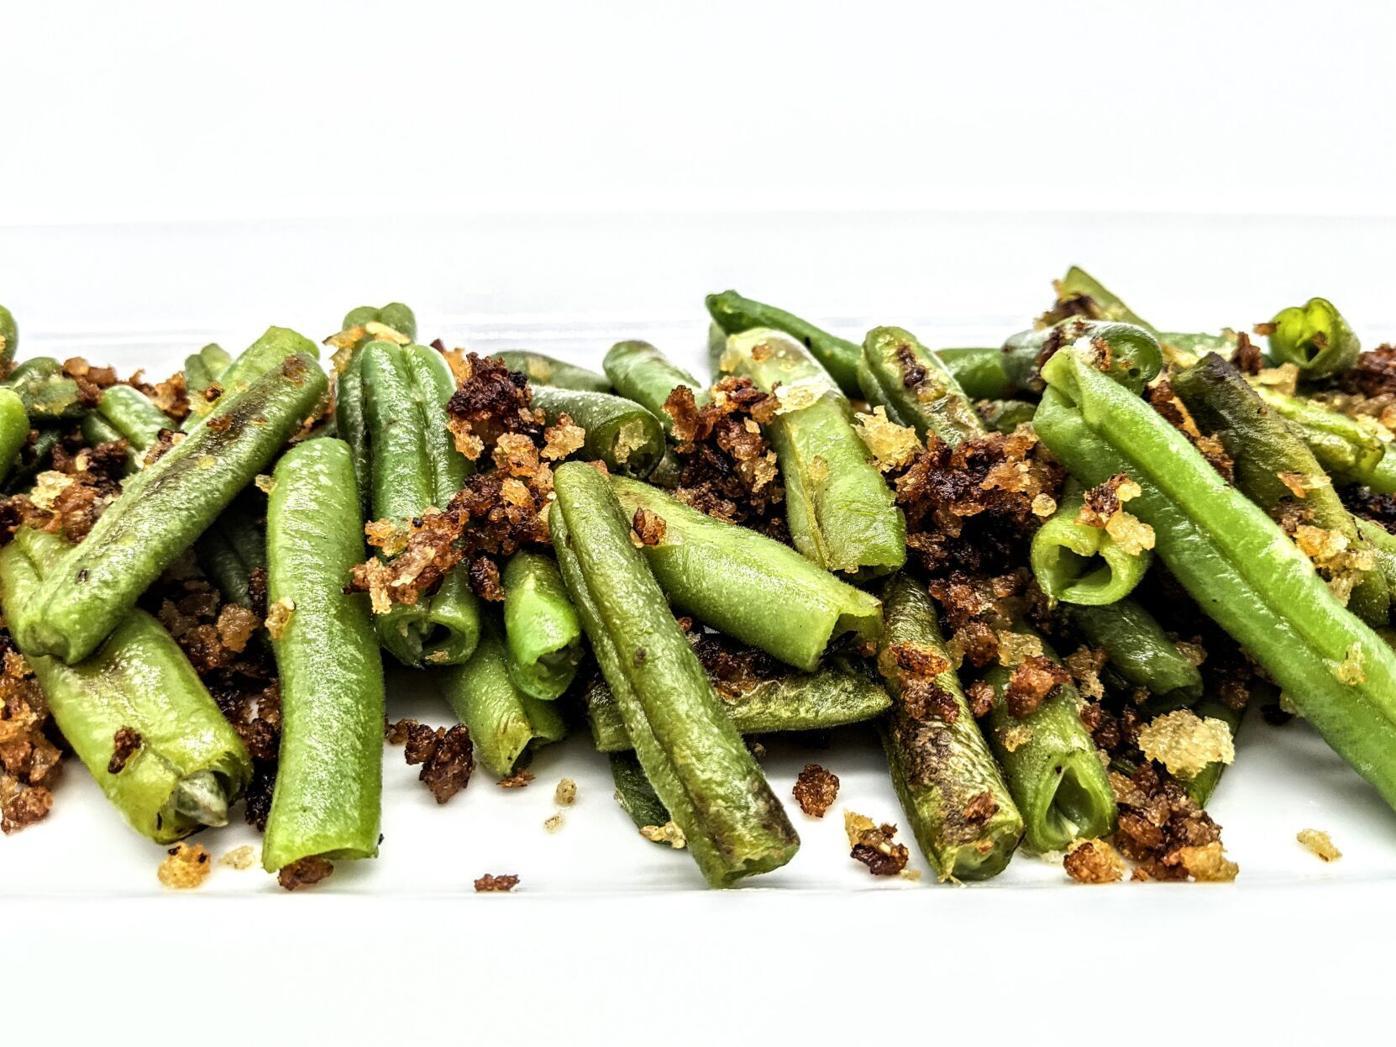 green beans closeup.jpg